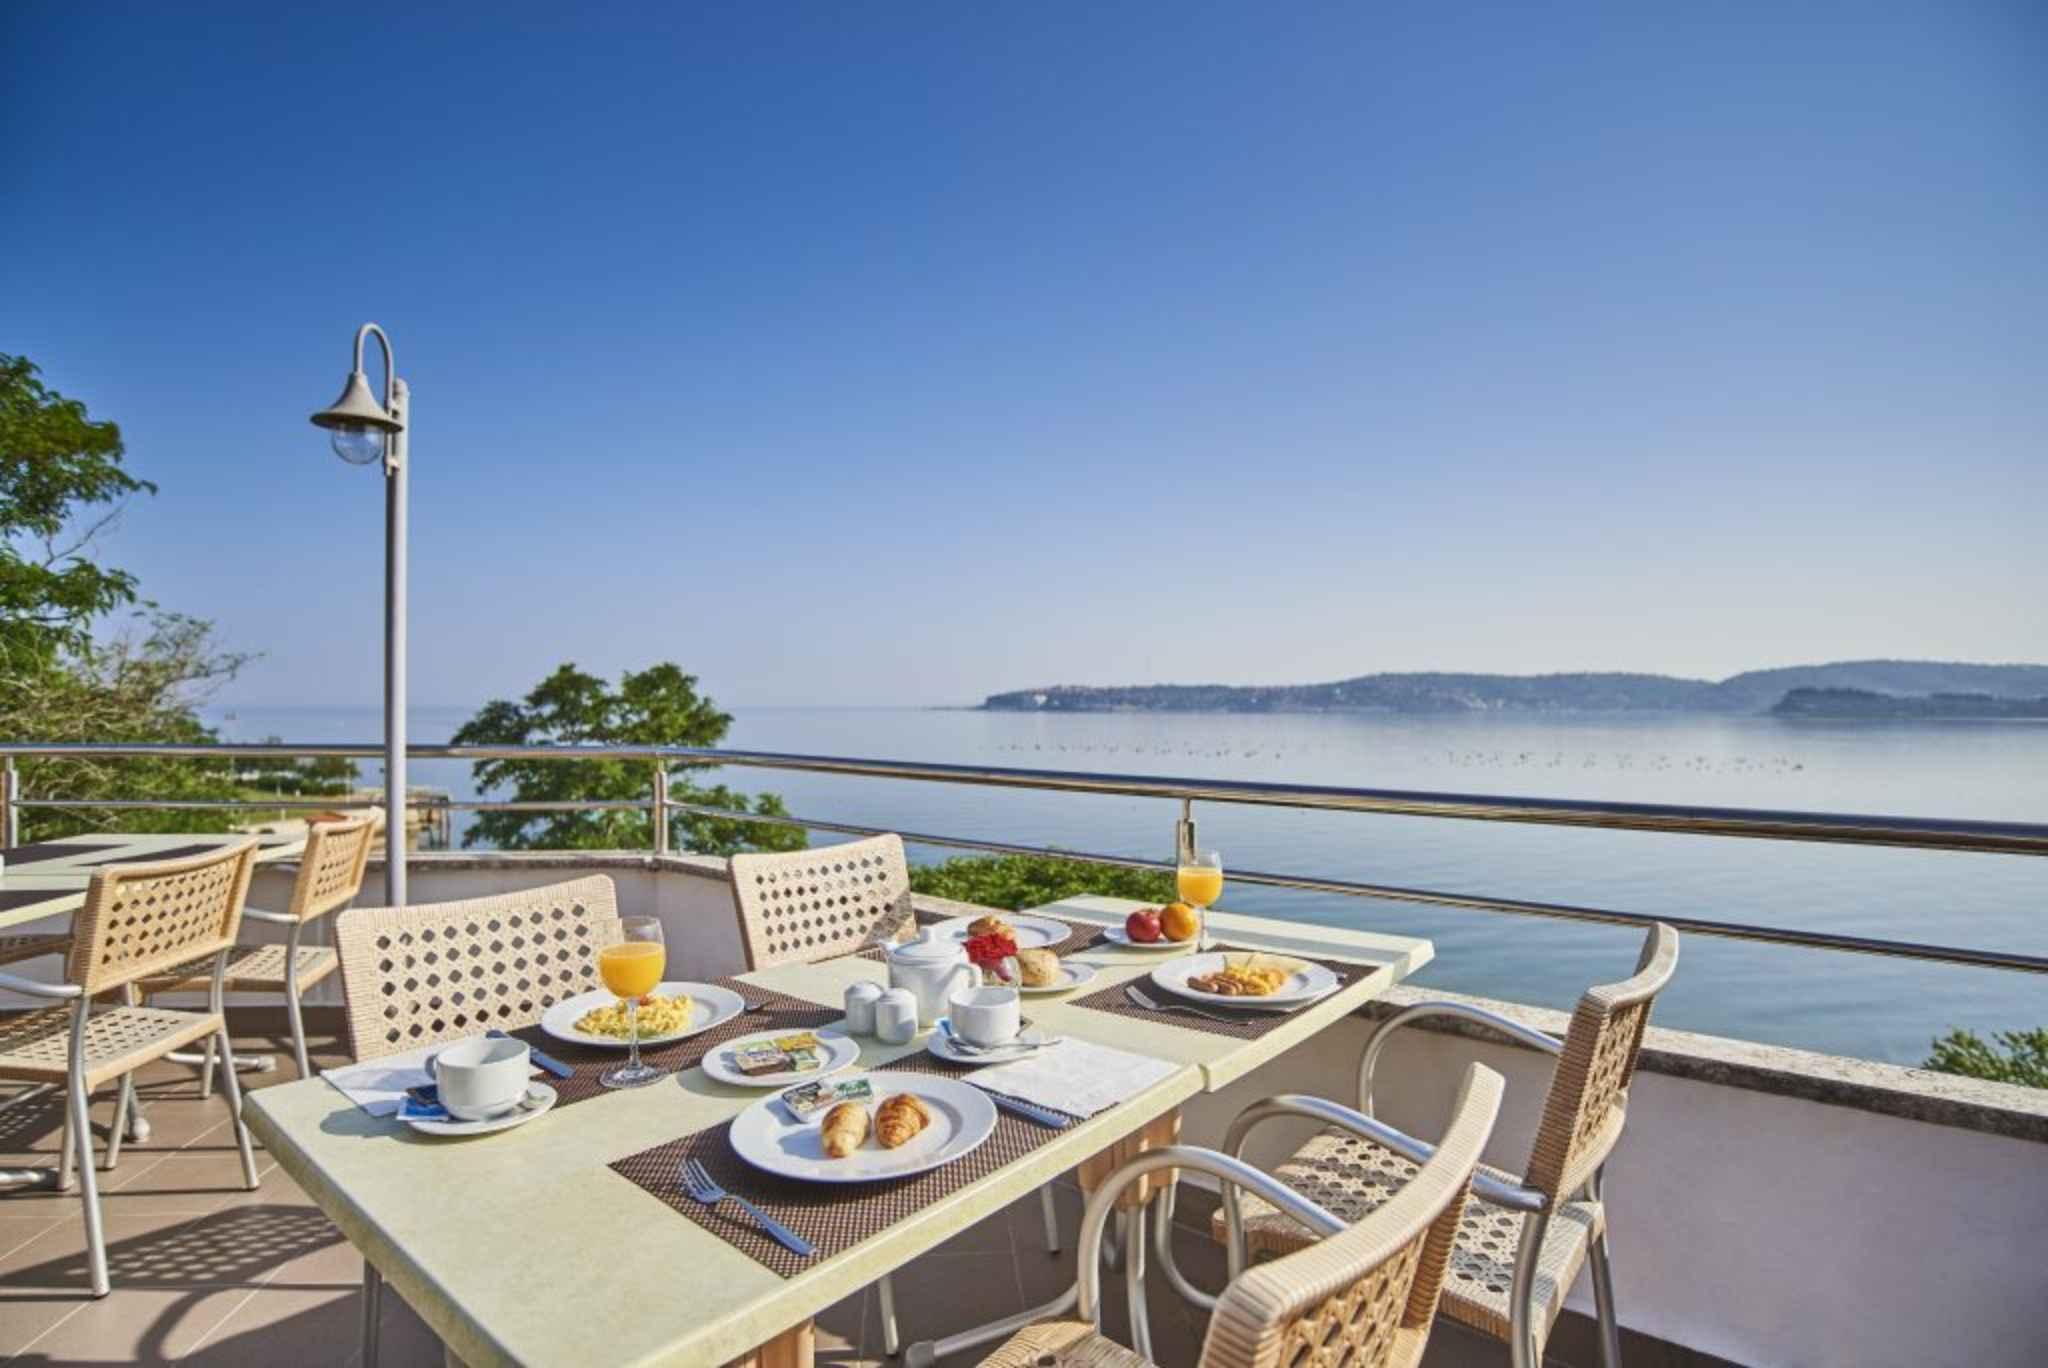 Ferienhaus Bungalow in der Ferienanlage Kanegra (281168), Umag, , Istrien, Kroatien, Bild 11